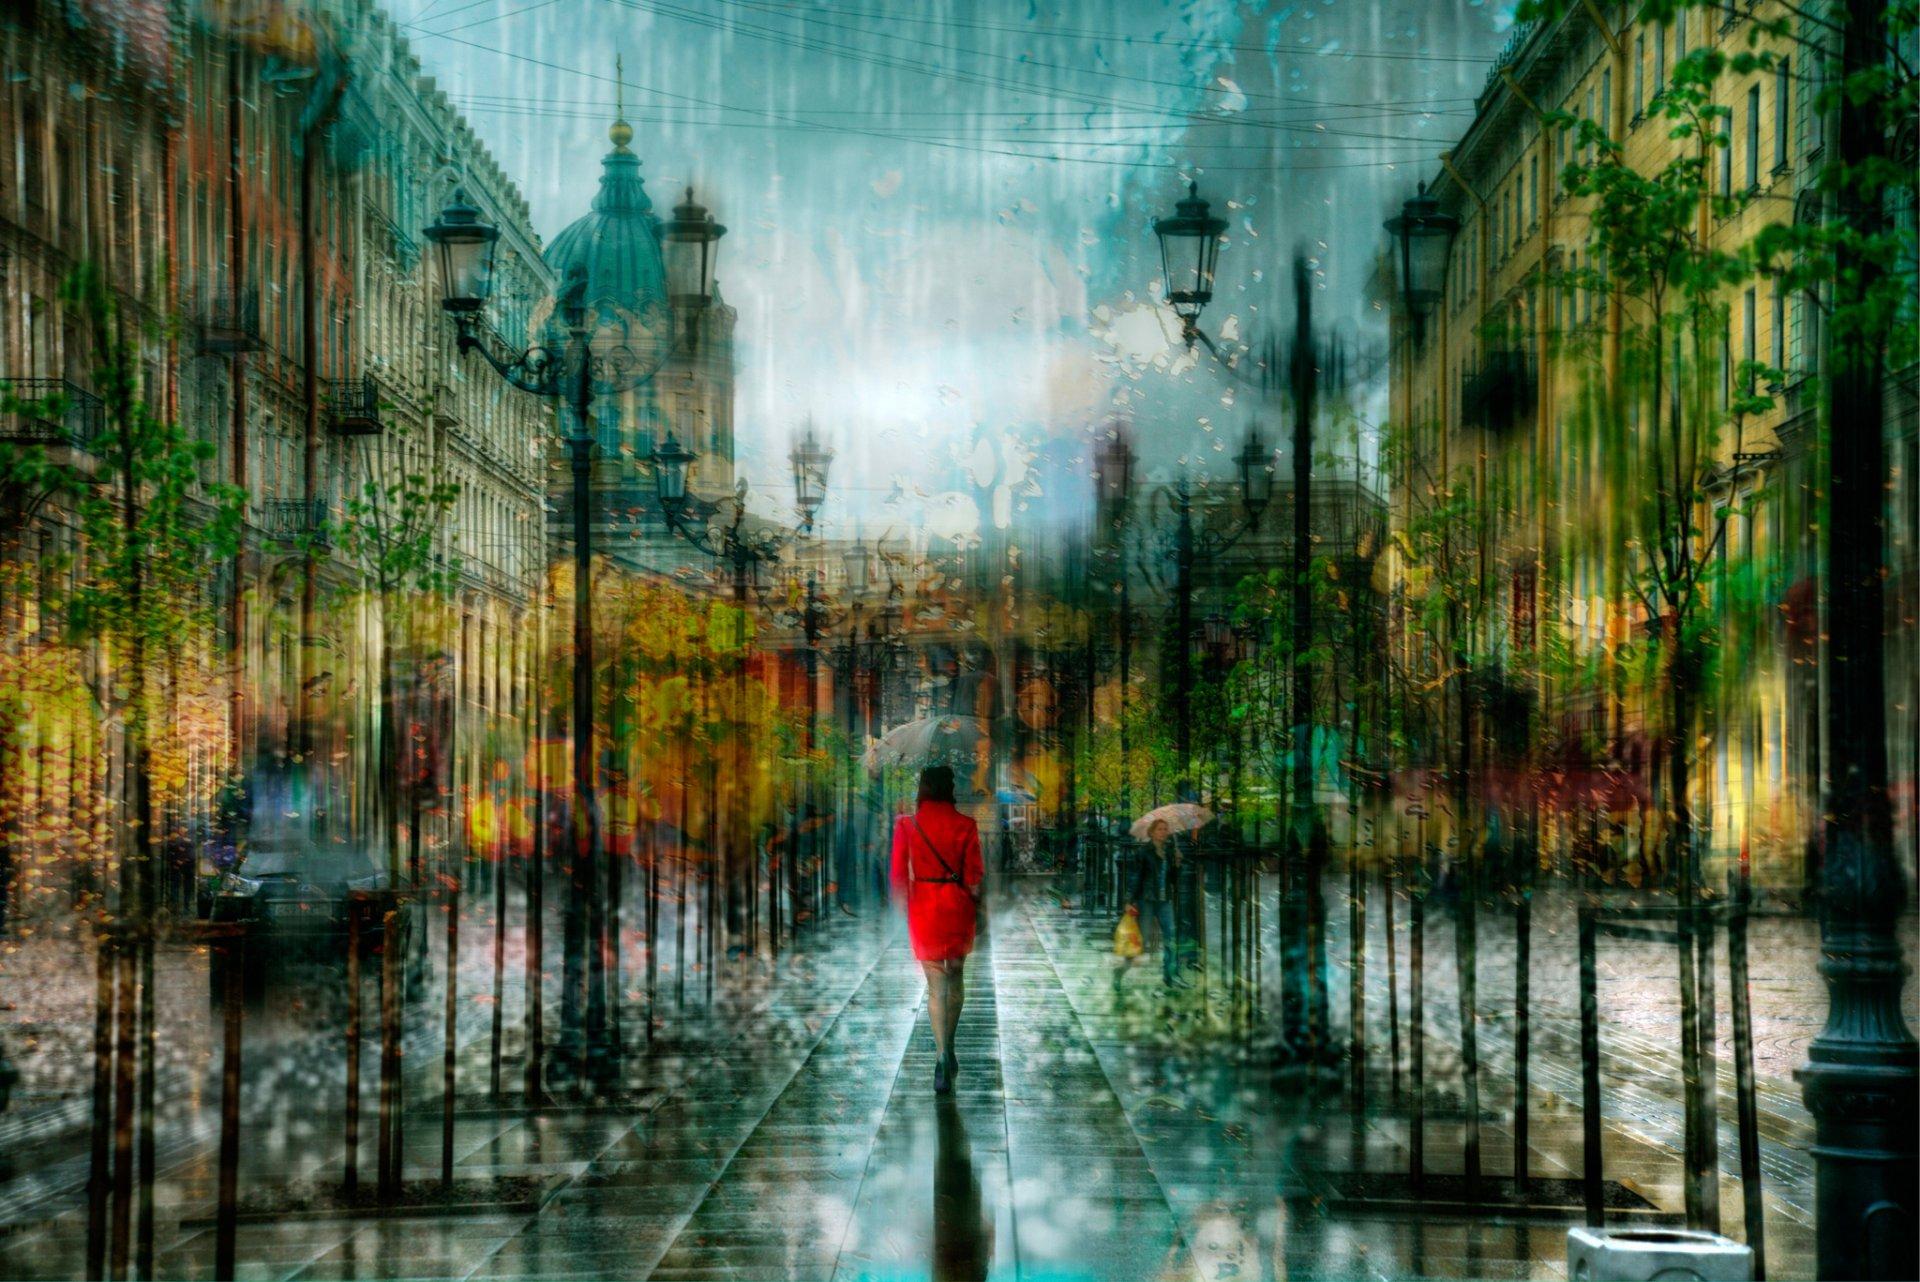 дождь питер обои для рабочего стола № 452406 бесплатно